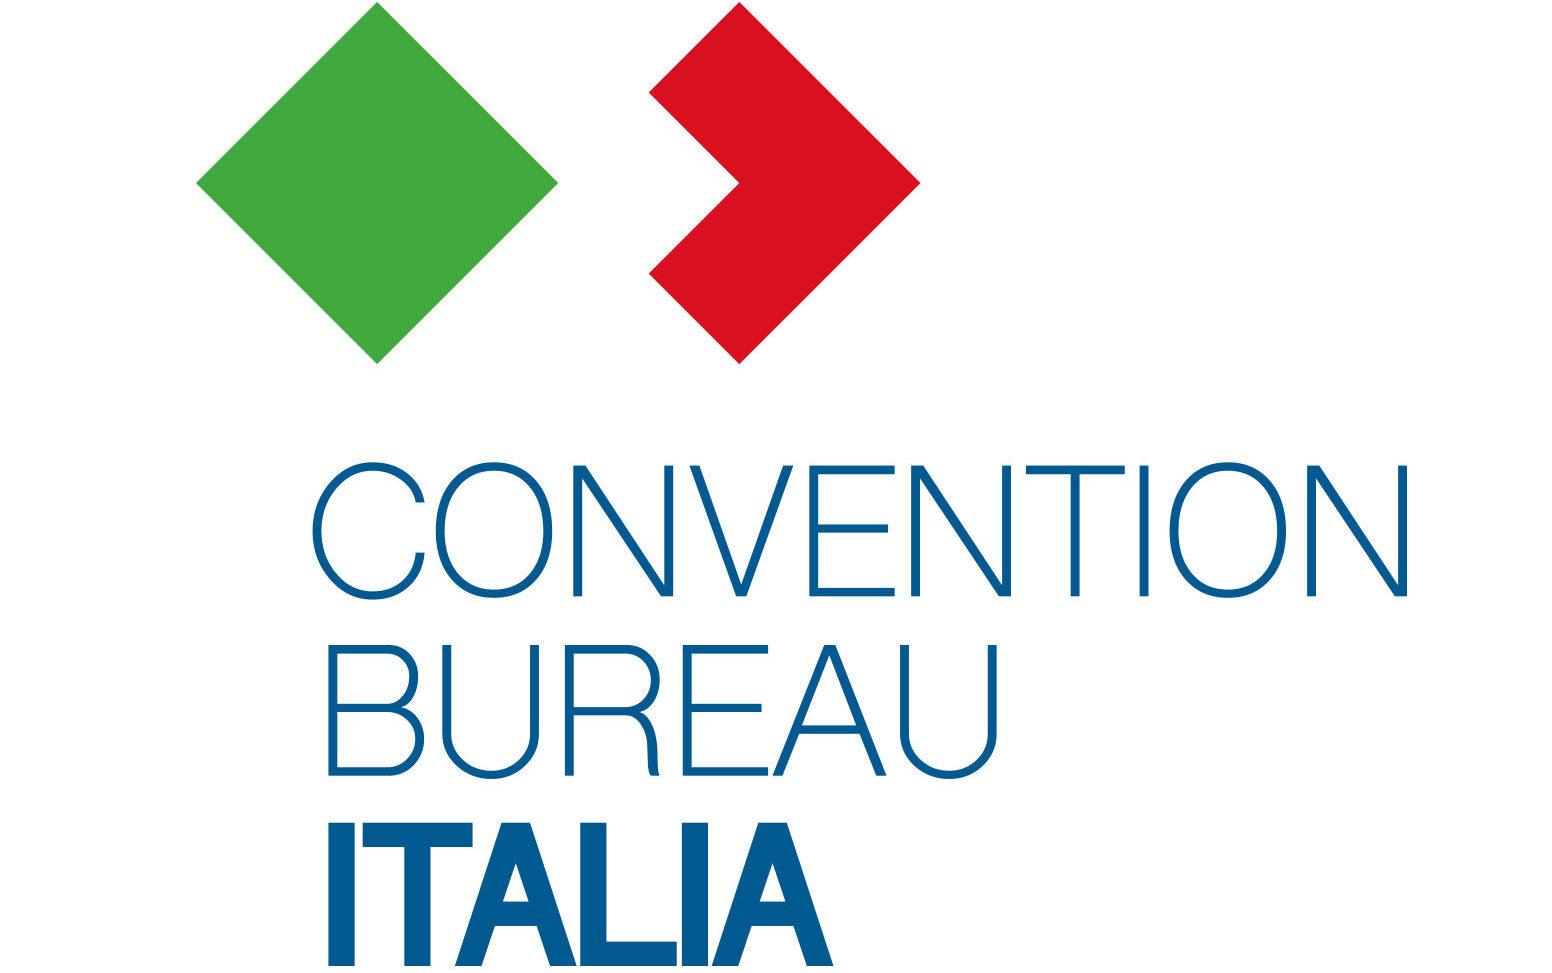 convention bureau italia cambia immagine e lancia nuova strategia per il 2018 travelnostop. Black Bedroom Furniture Sets. Home Design Ideas